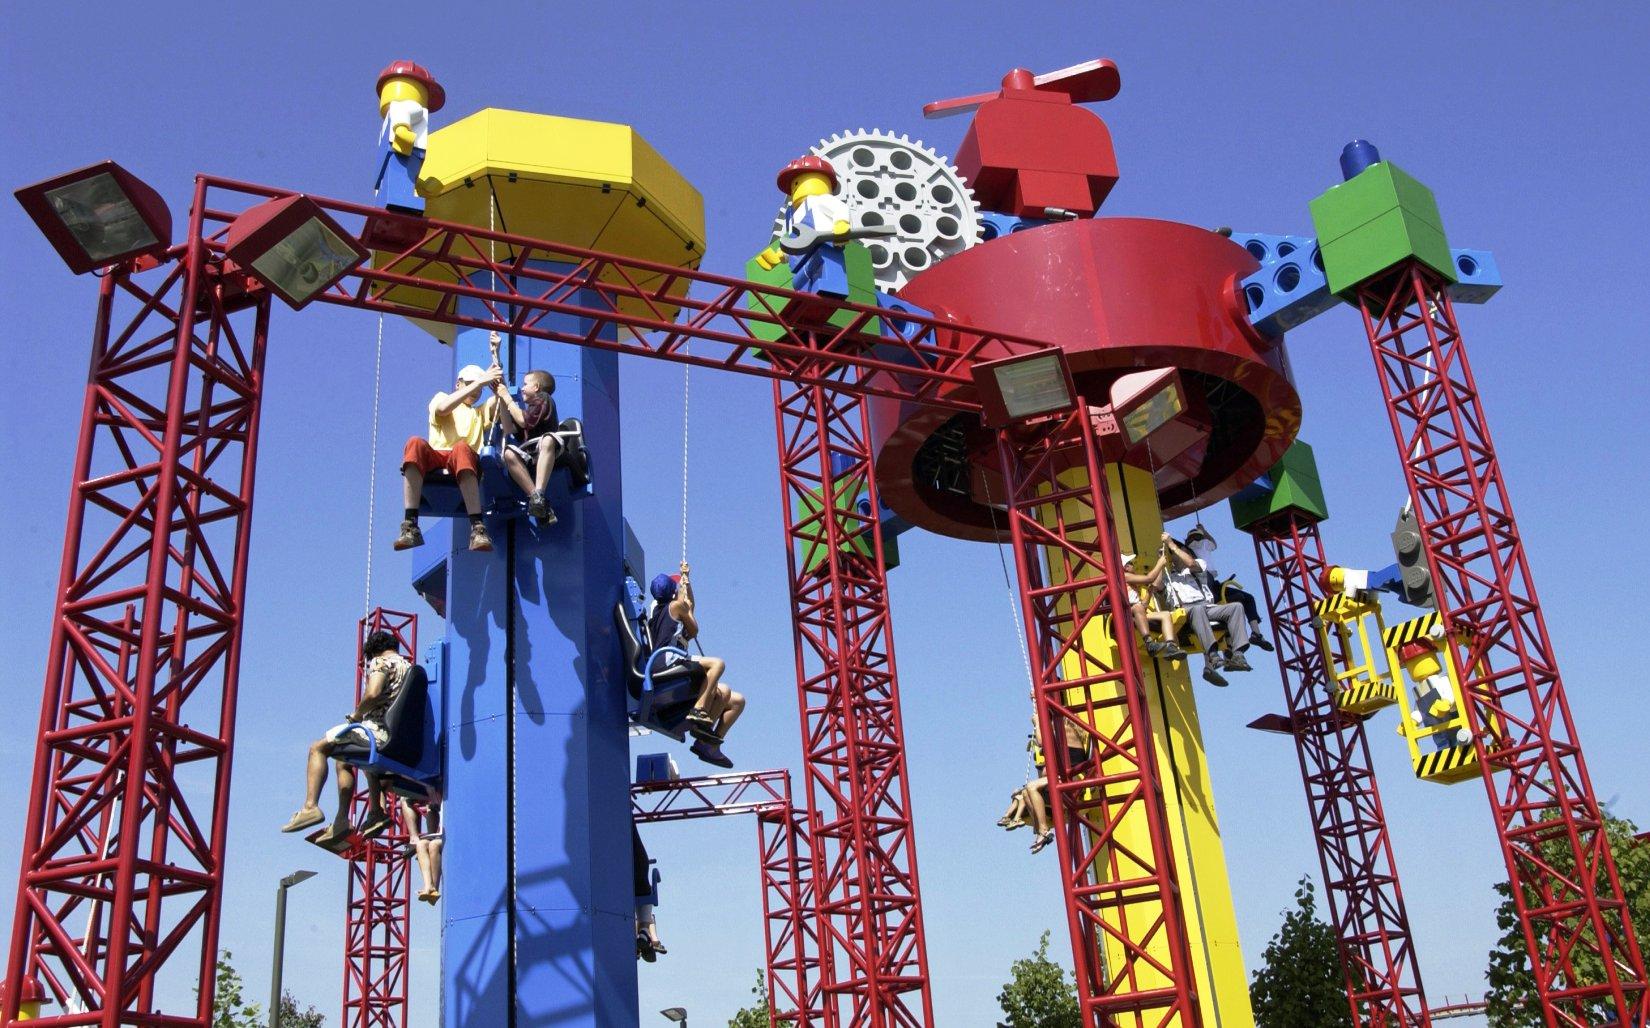 Imagination Kids Power Towers in Legoland Deutschland